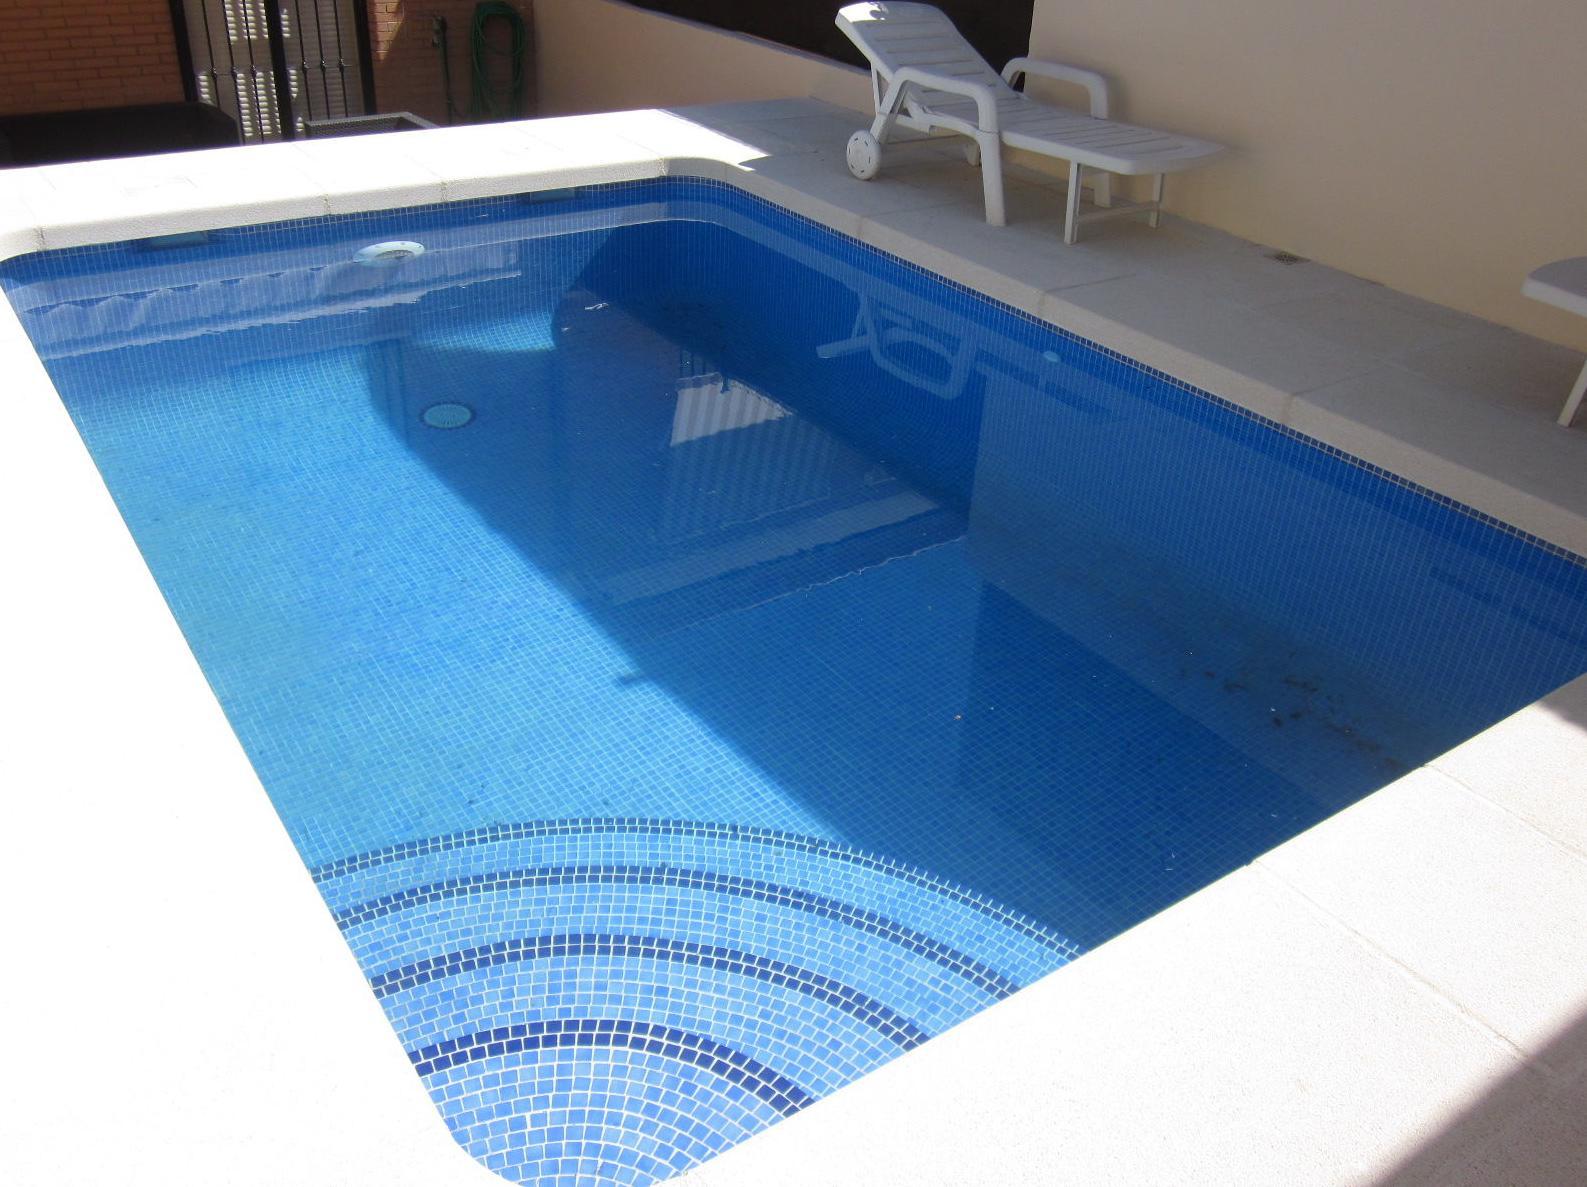 Foto 6 de piscinas instalaci n y mantenimiento en san for Precio construccion piscina de obra